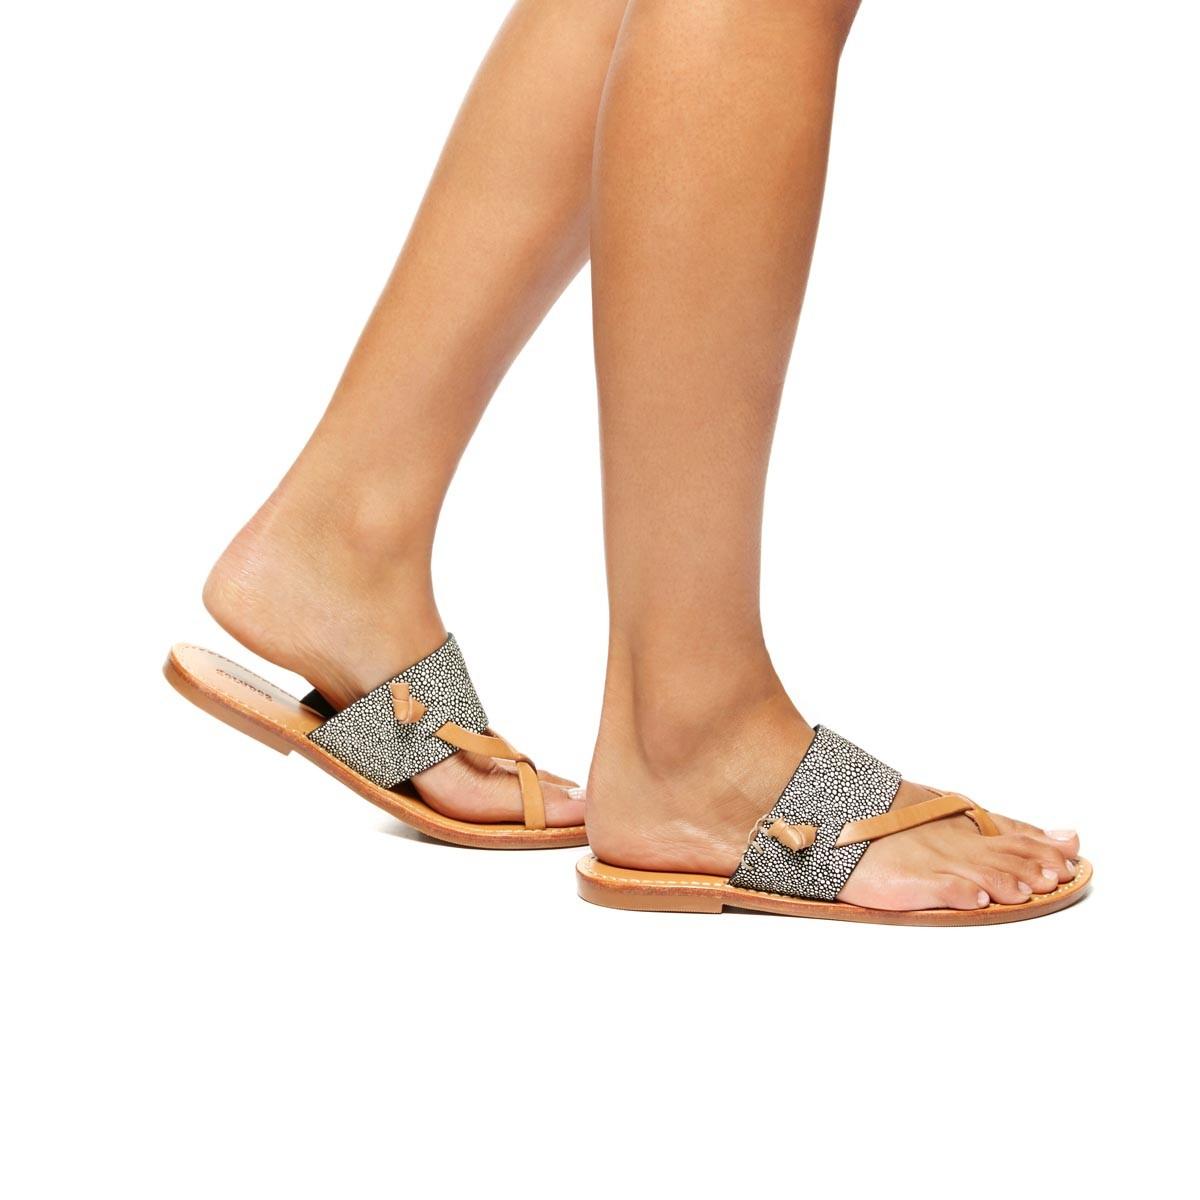 Soludos Thong Sandal qIh1yeL